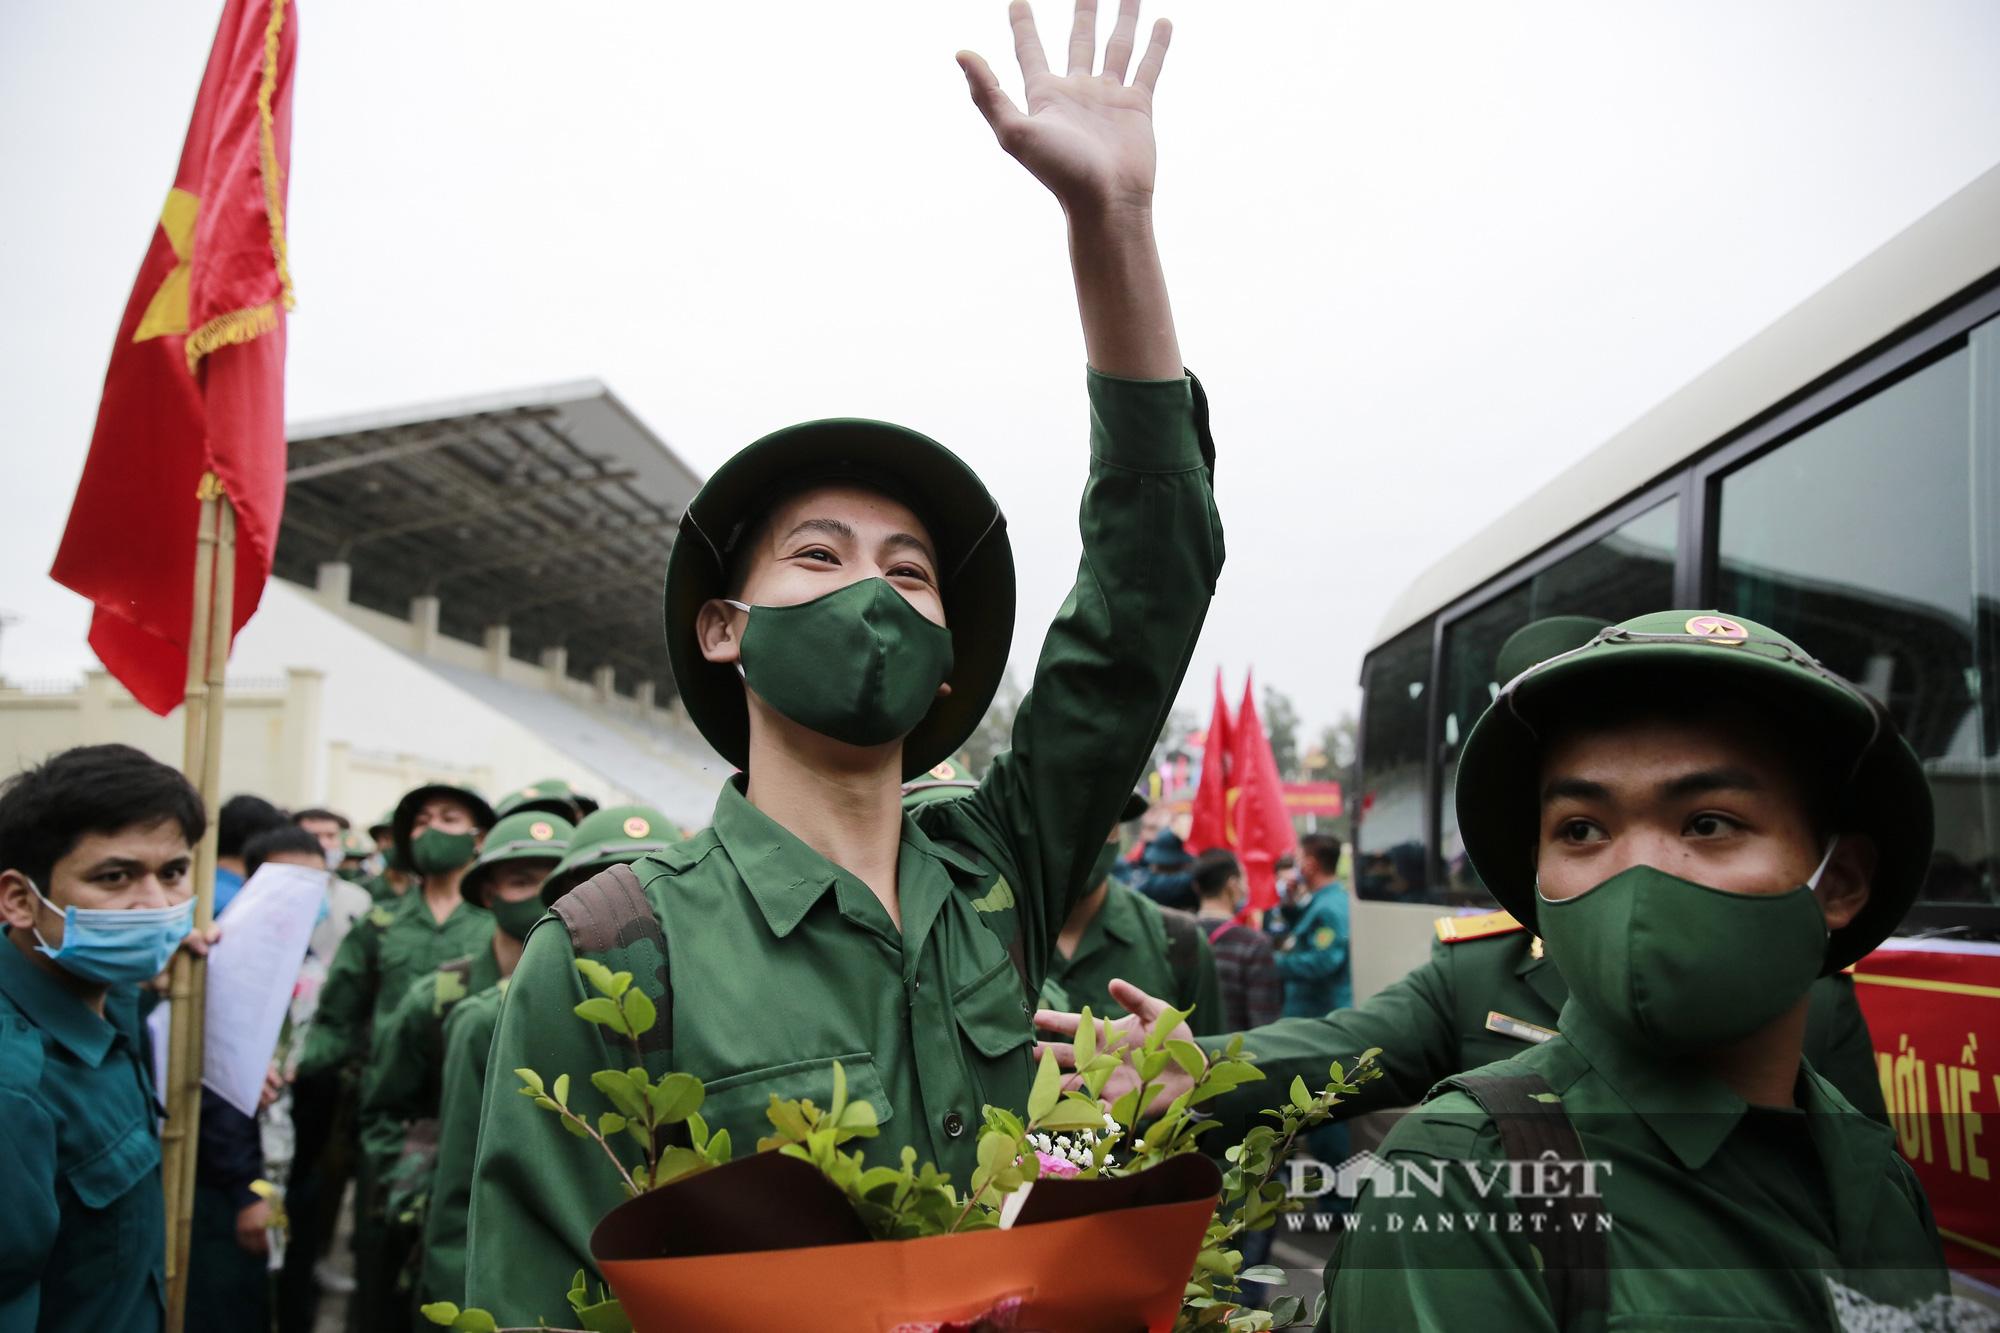 Khoảnh khắc xúc động ngày thanh niên Hà Nội lên đường thực hiện nghĩa vụ quân sự - Ảnh 4.